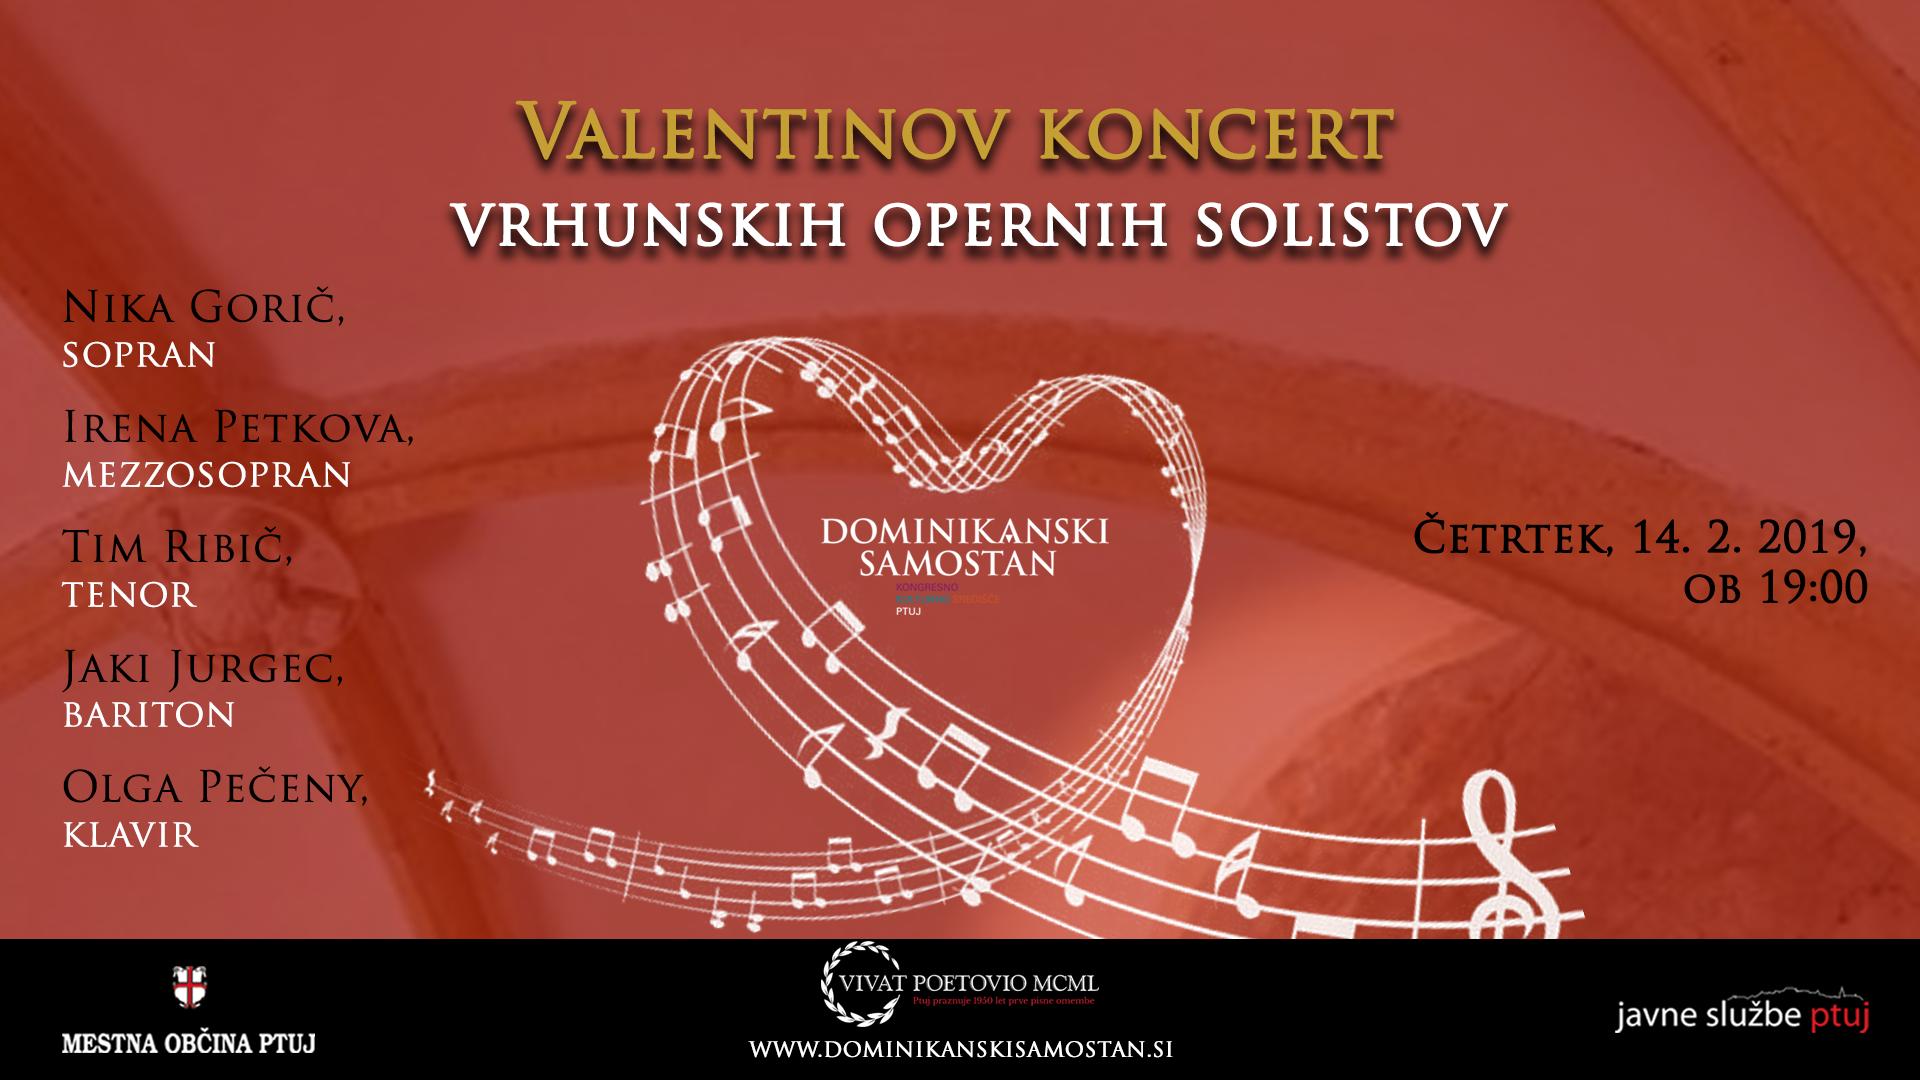 Valentinov Koncert Vrhunskih Opernih Solistov Dominikanski Samostan Ptuj